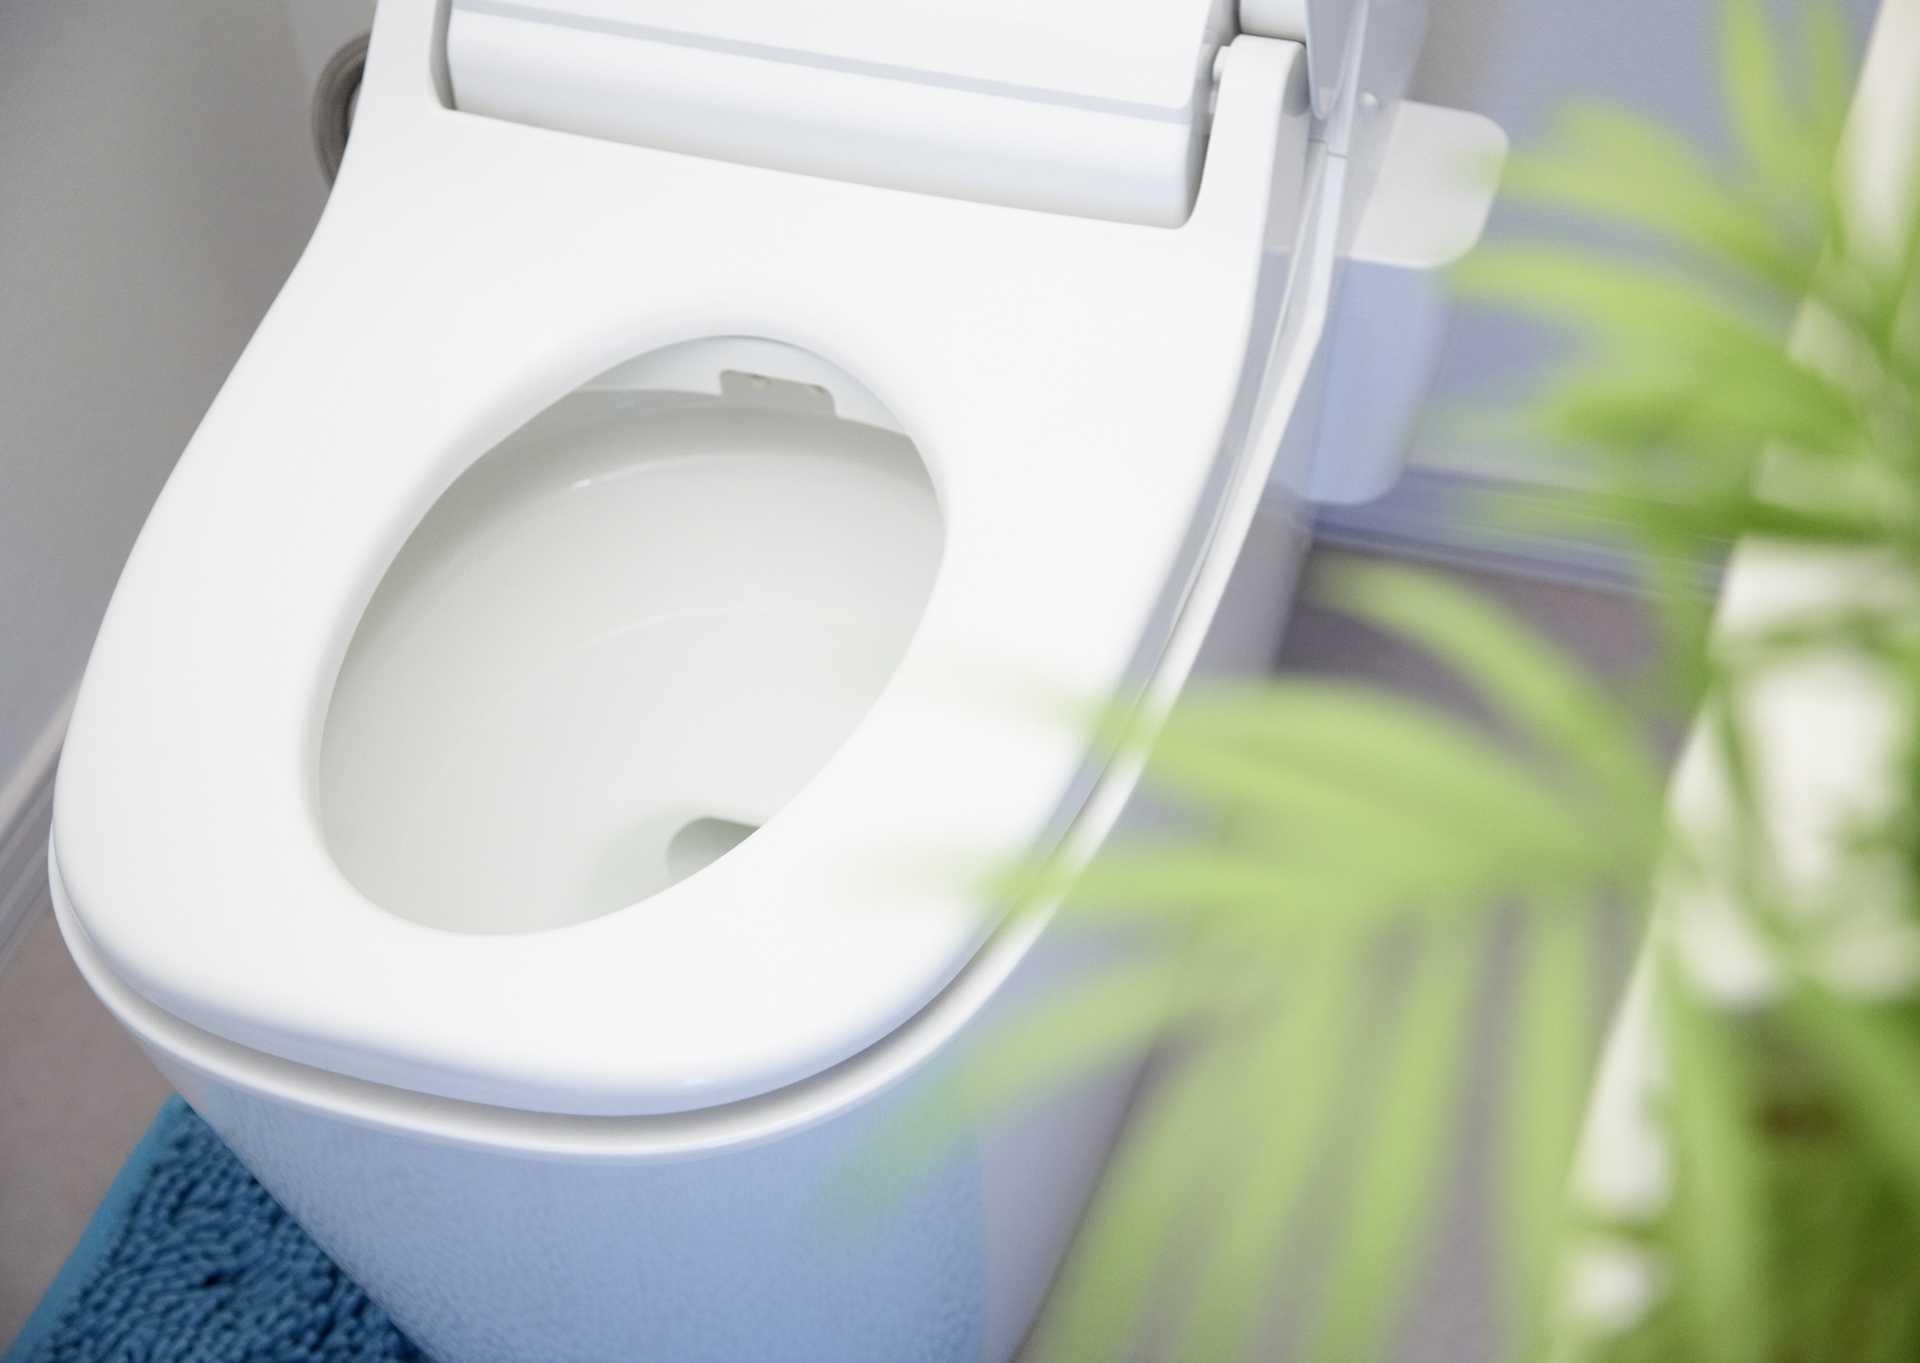 トイレを我慢しても、いいことは1つもない。 | 毎日を楽しく過ごす30の方法